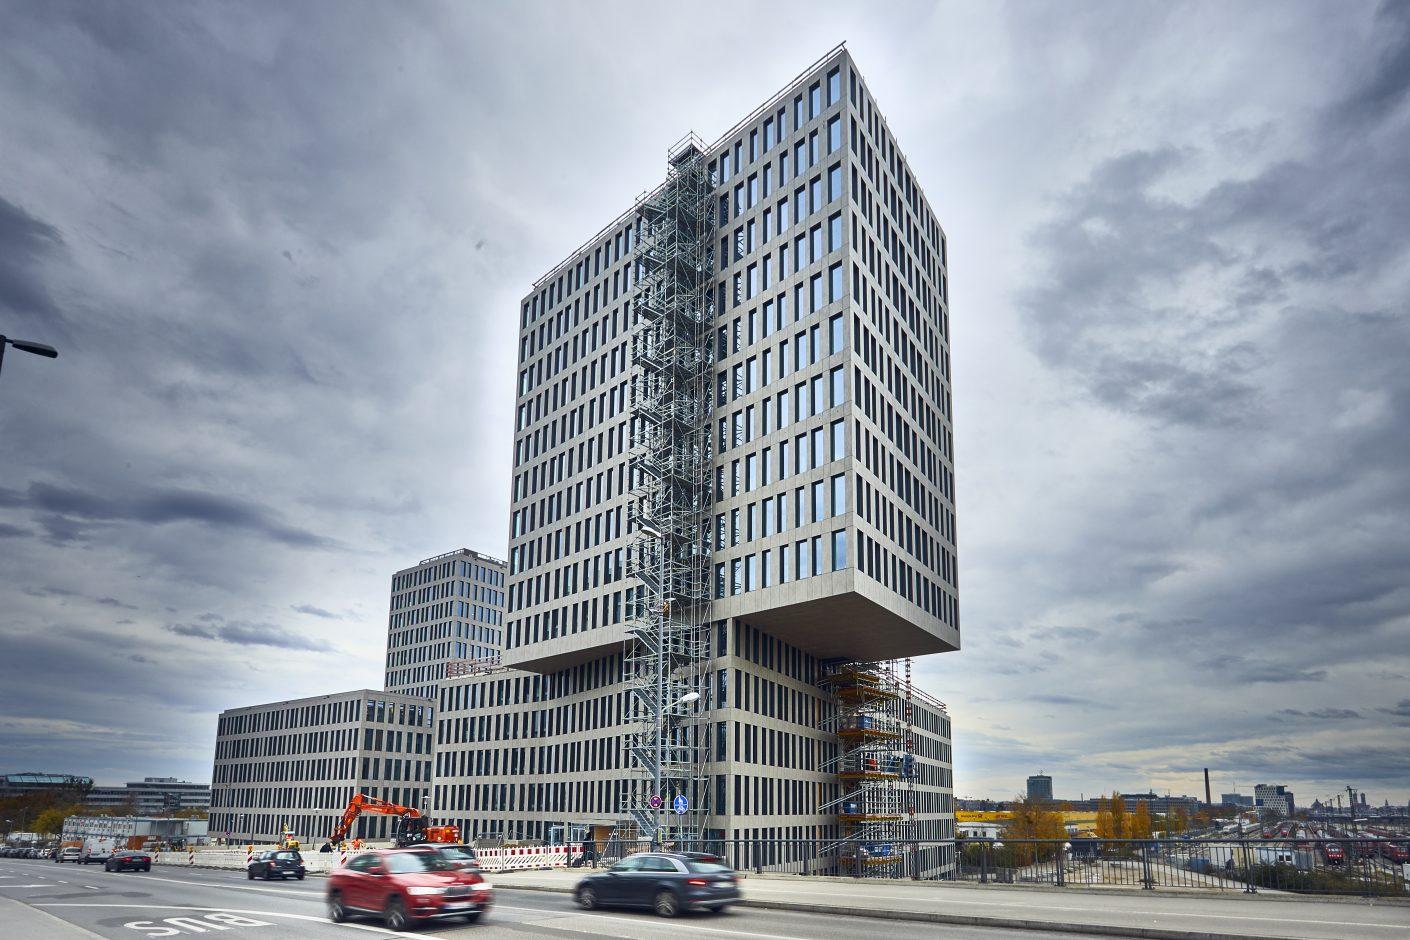 Das KAP WEST in München (hier noch mit einer Behelfs-Außentreppe aus Brandschutzgründen am Südturm) ist seit Mitte 2020 komplett bezogen. Dekton® im Farbton »Keon« bekleidet die Fassade des urbanen Bürogebäudes. Bildquelle: David Höpfner für Cosentino